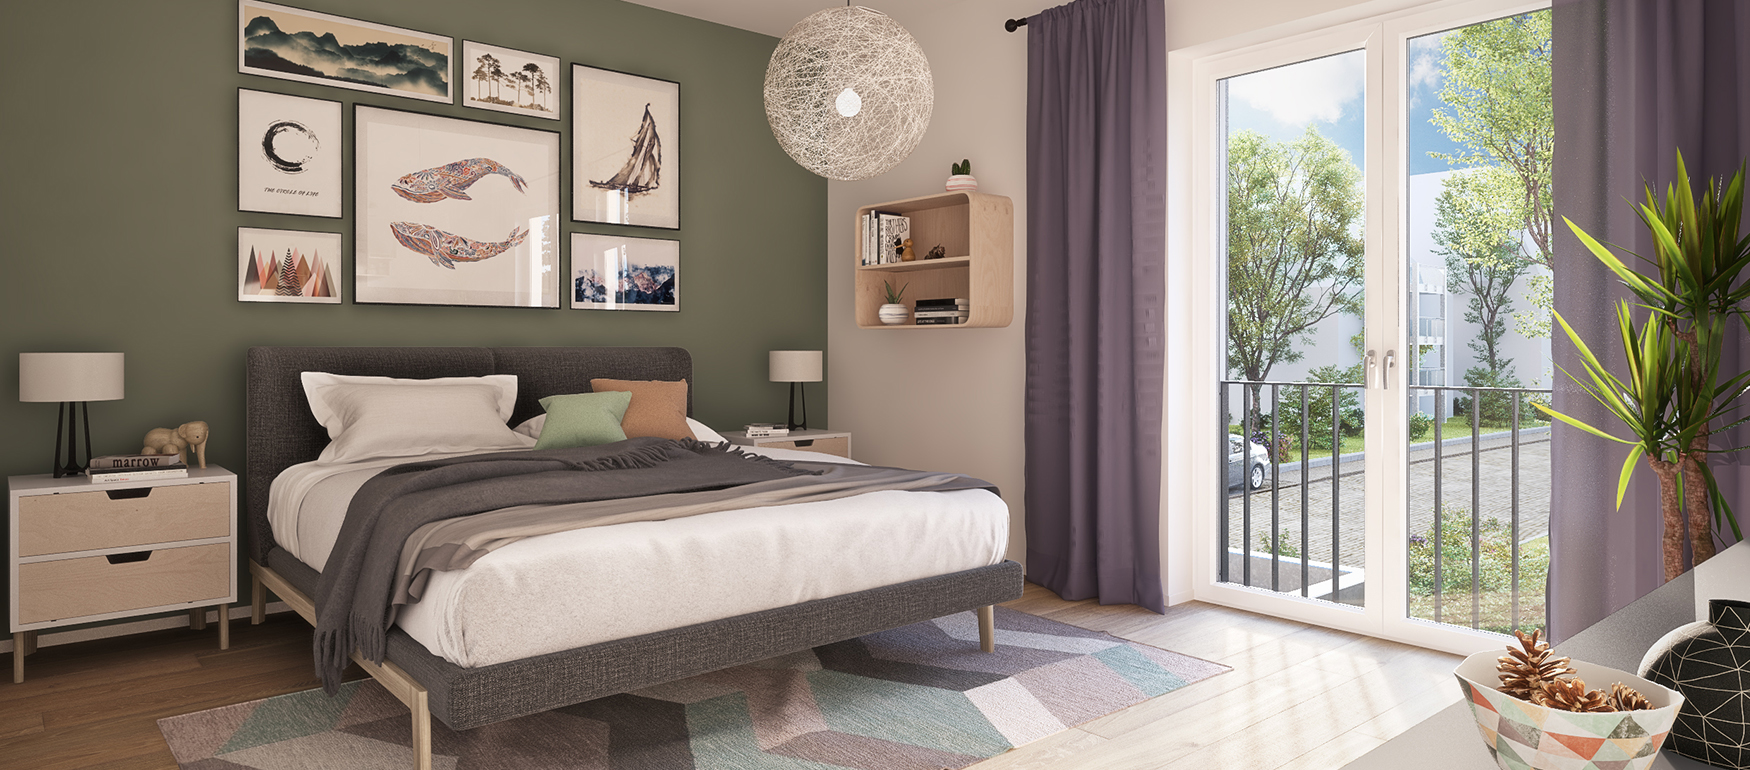 Beispiel Inneneinrichtung des Schlafzimmers